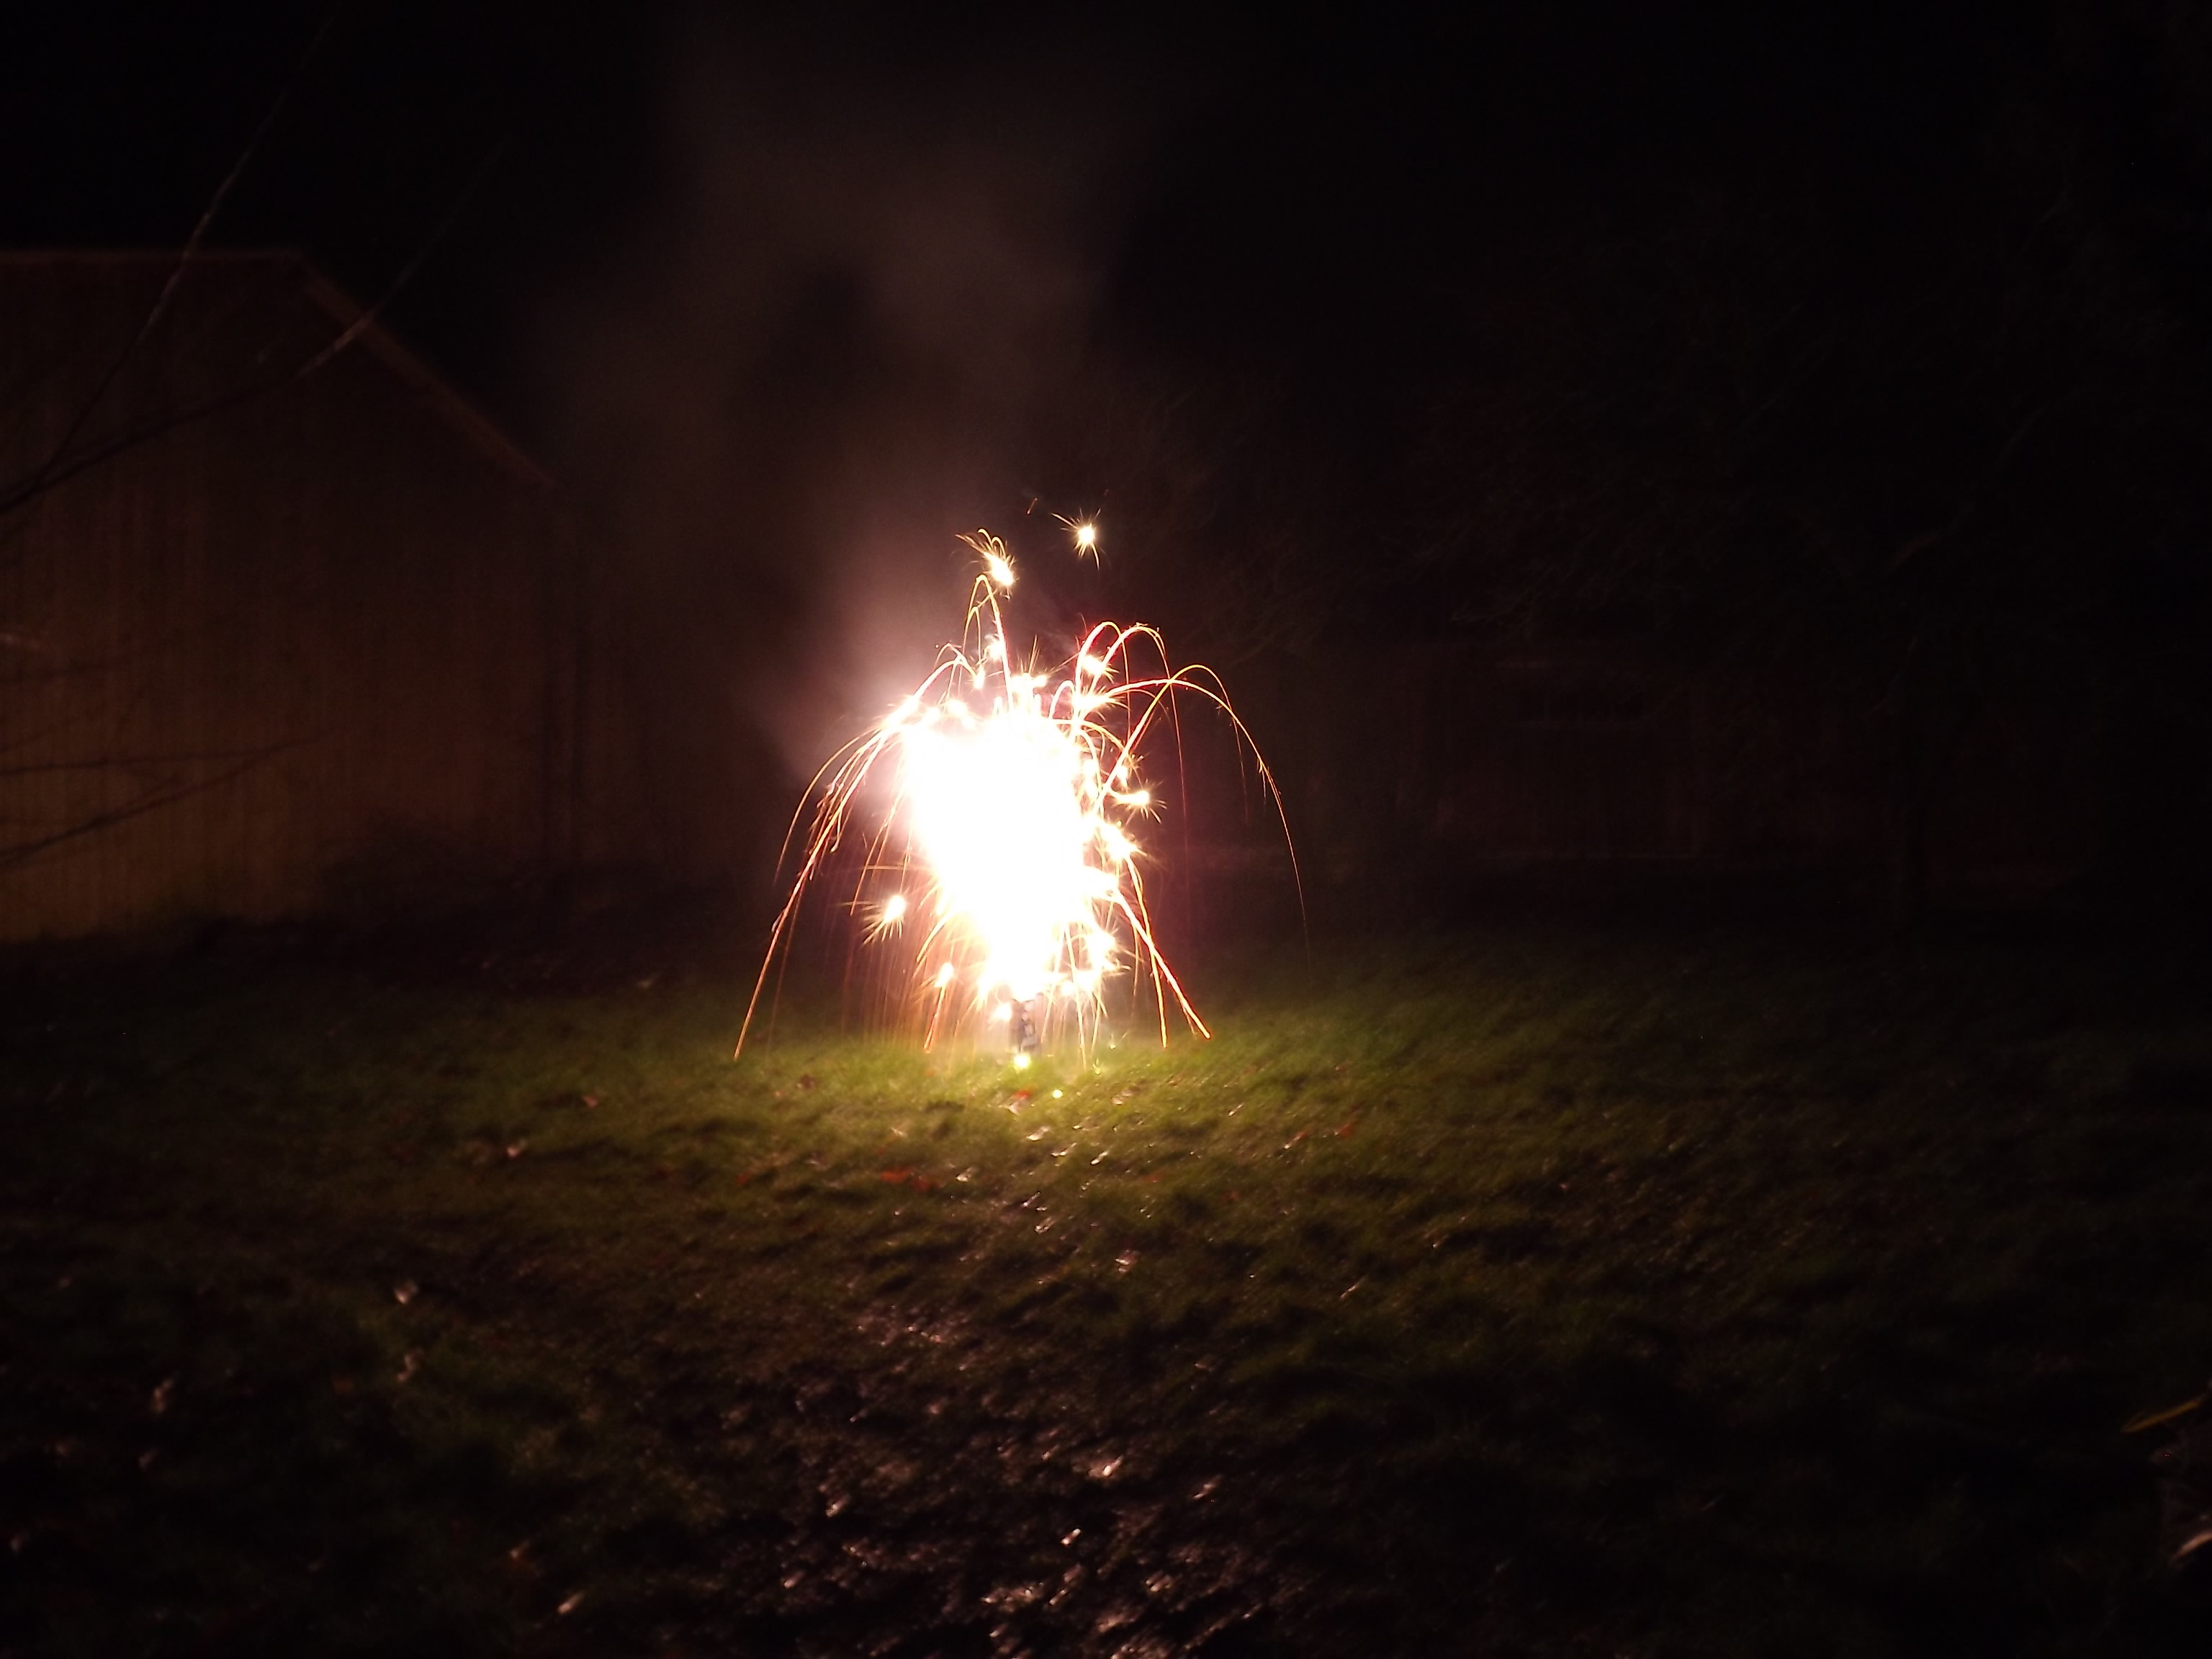 6728-feuerwerk-silvester-neujahr-fontaine